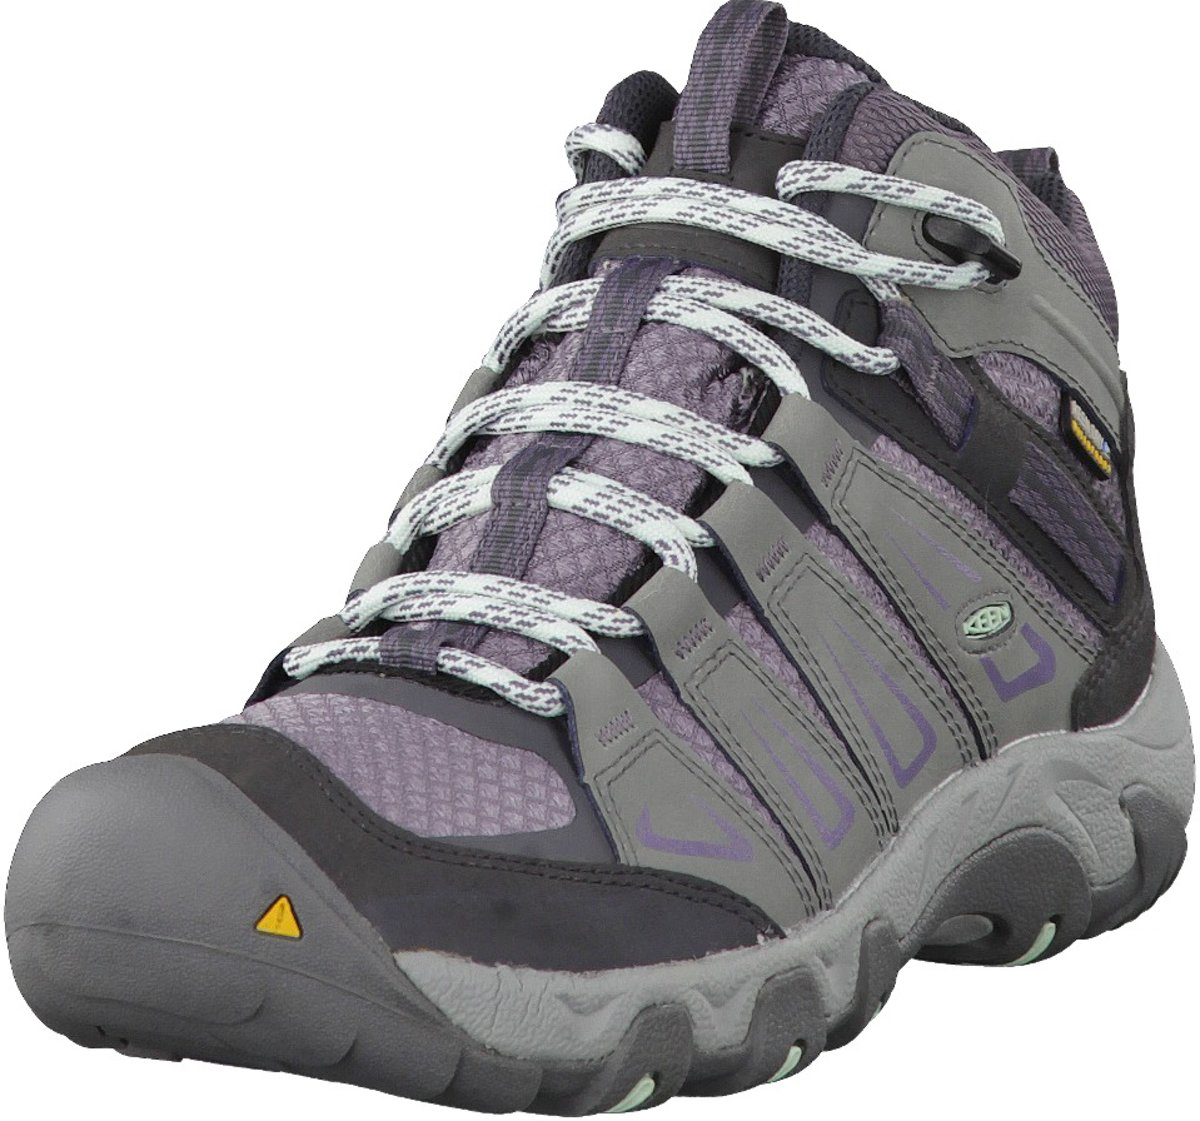 Salut Apa P711589 Chenille, Hommes, Brun, Chaussures De Randonnée Taille 42 Eu